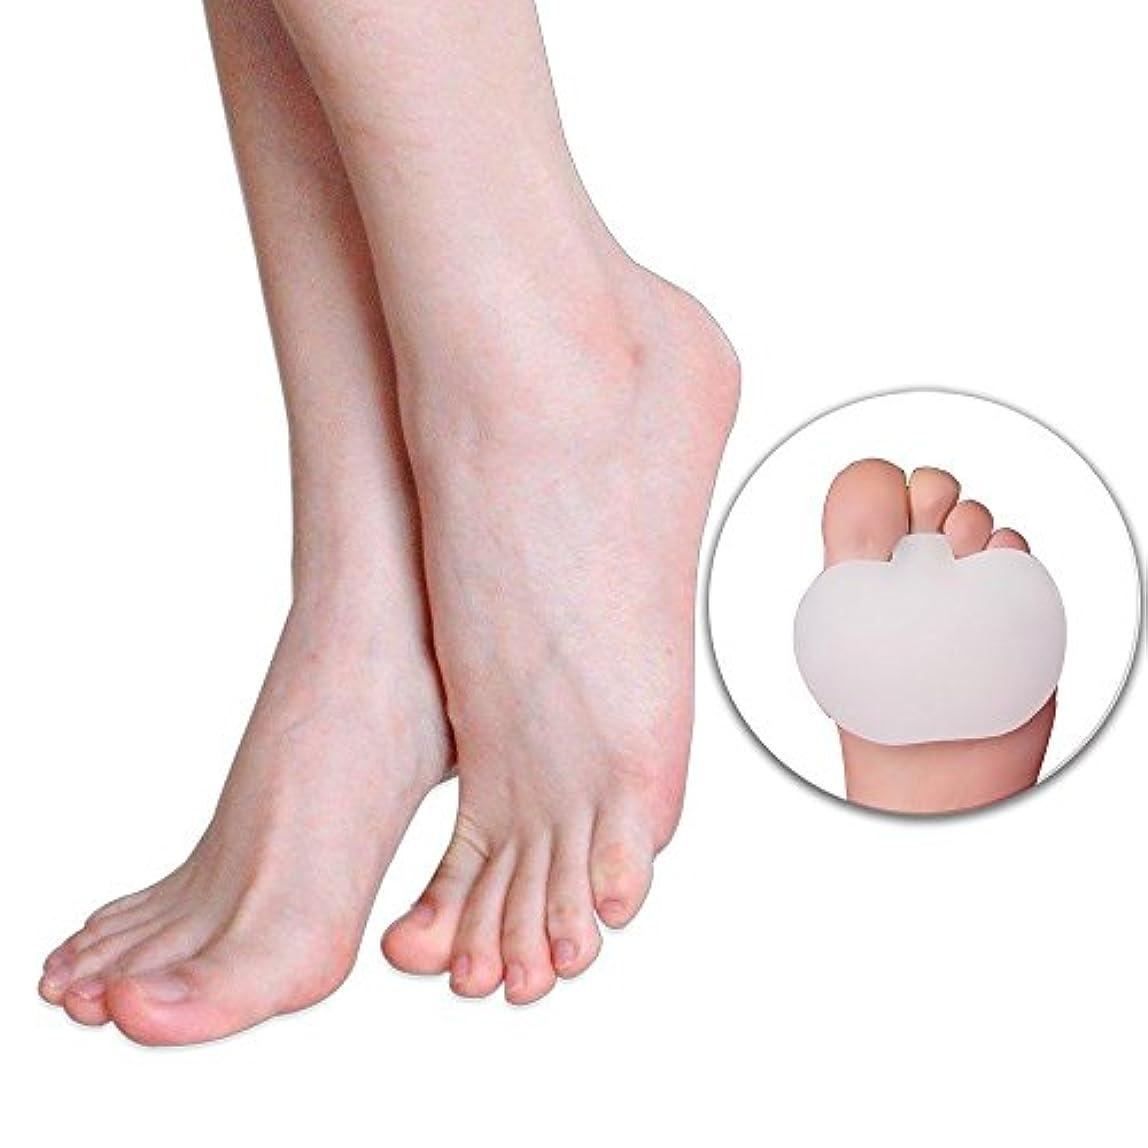 貸す光景アルプスフットマッサージ 前足パット足のケア、ゲルソックス、つま先、シリコン、外反母趾矯正、ゲル中足骨パッド、足クッションのボール、前足のケア、痛みの足の痛み、外反、外反母趾